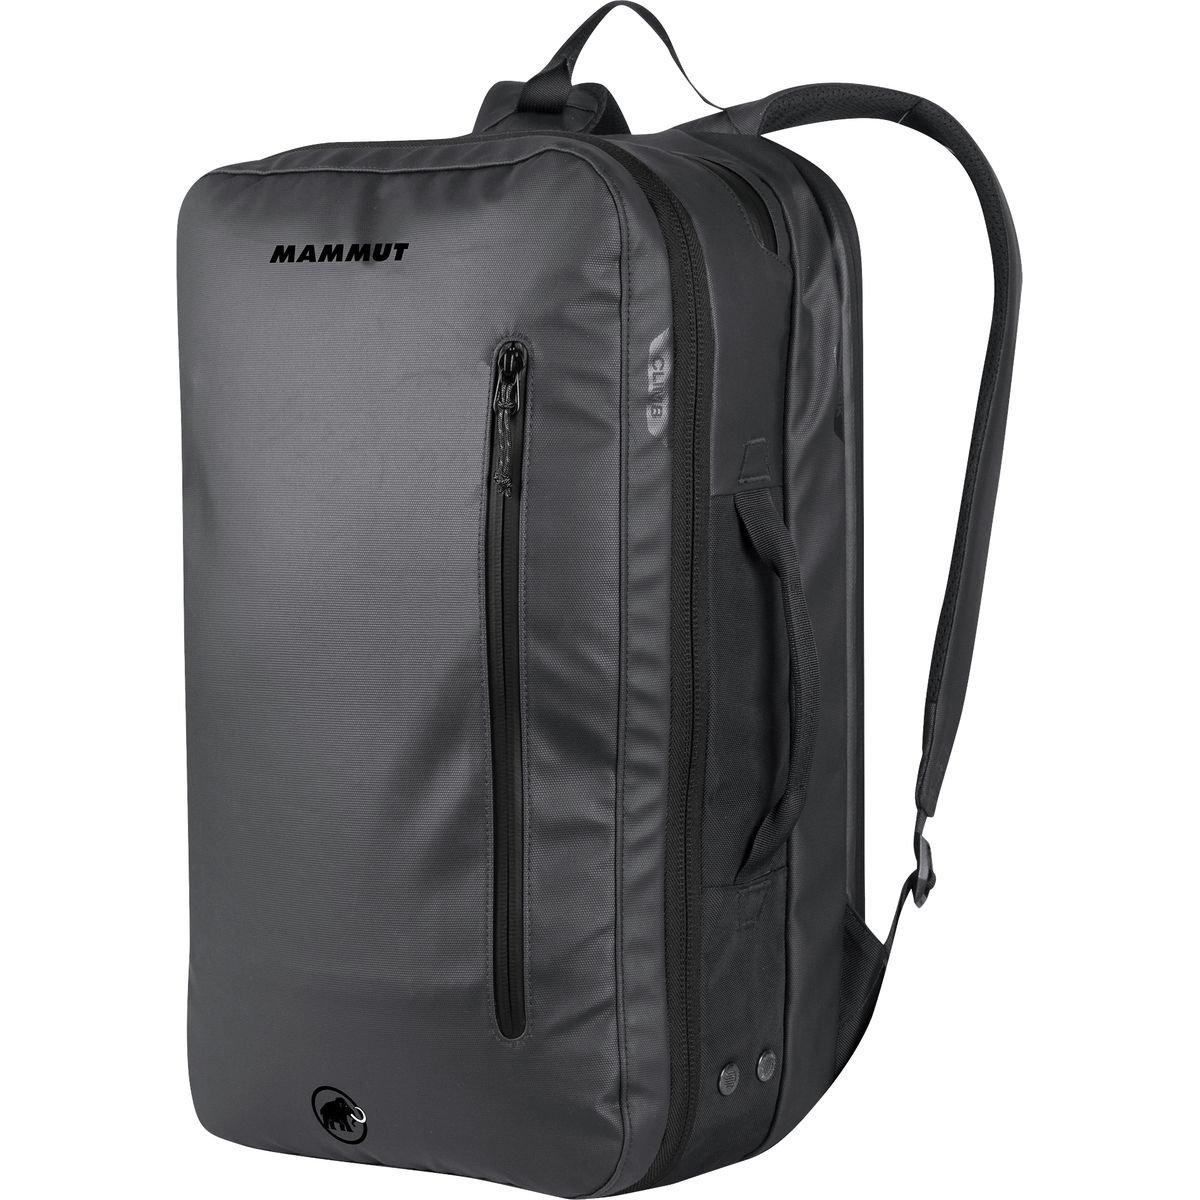 (マムート) Mammut Seon Transporter 26L Backpack バックパック リュック Titanium [並行輸入品] One Size  B073VDWZFH